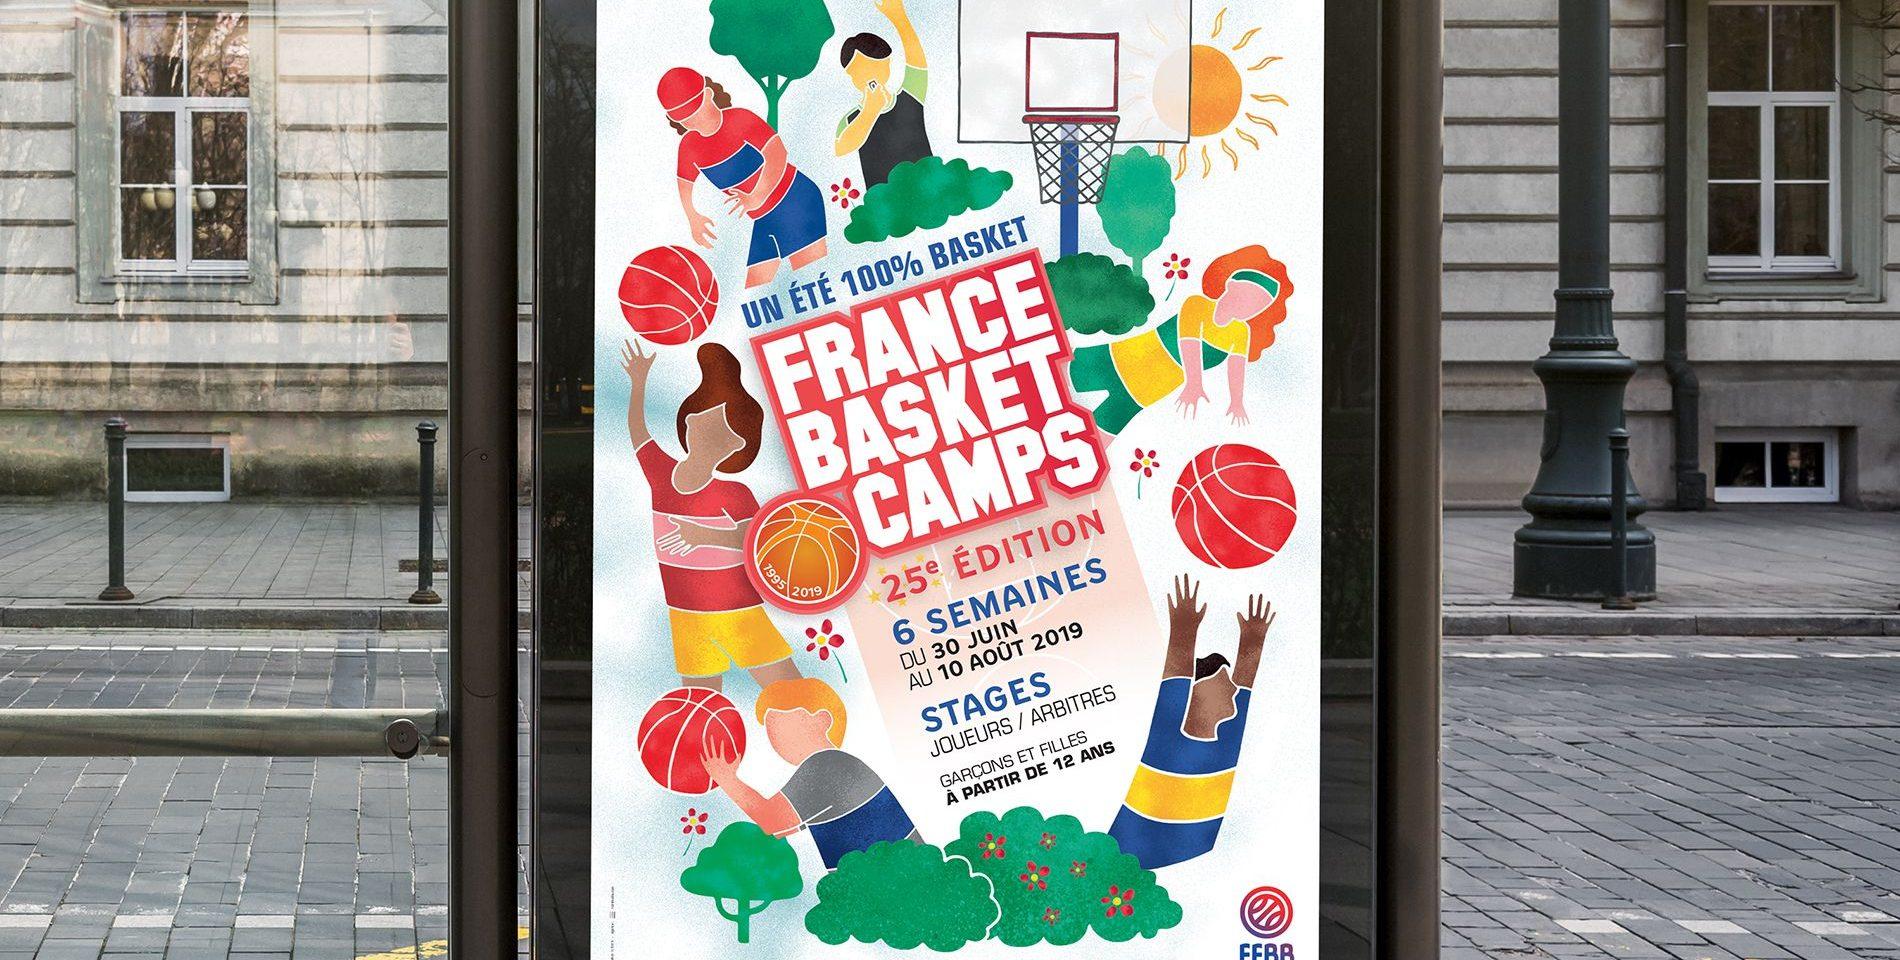 Abri bus affiche France Basket Camps